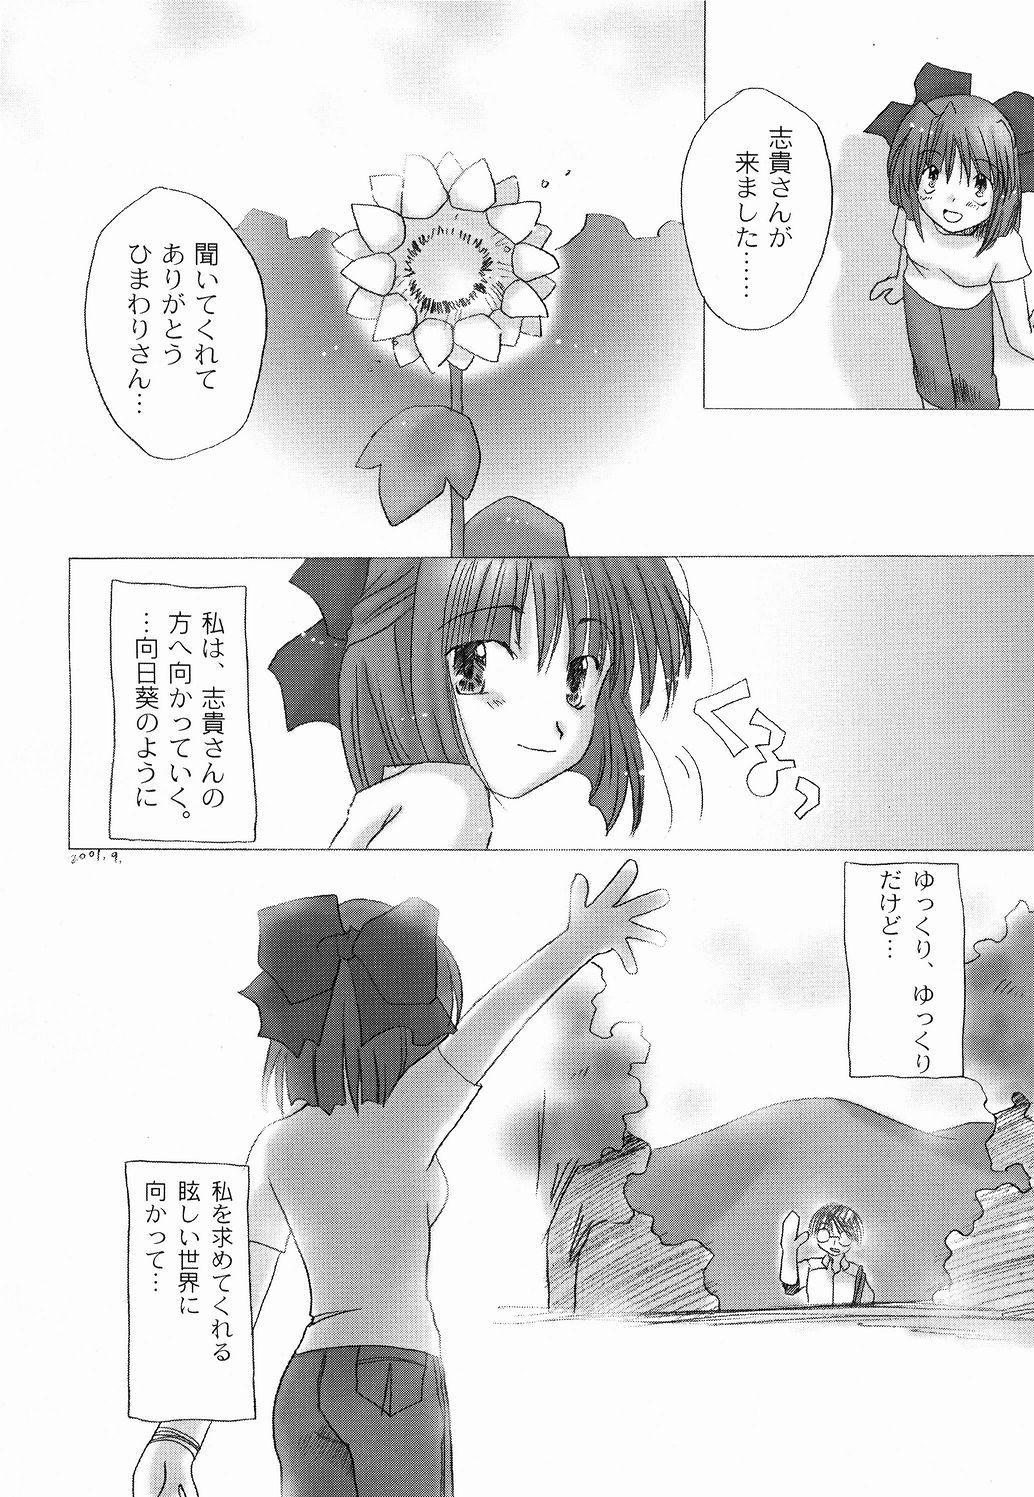 Taiyou to Tsuki ni Somuite 14